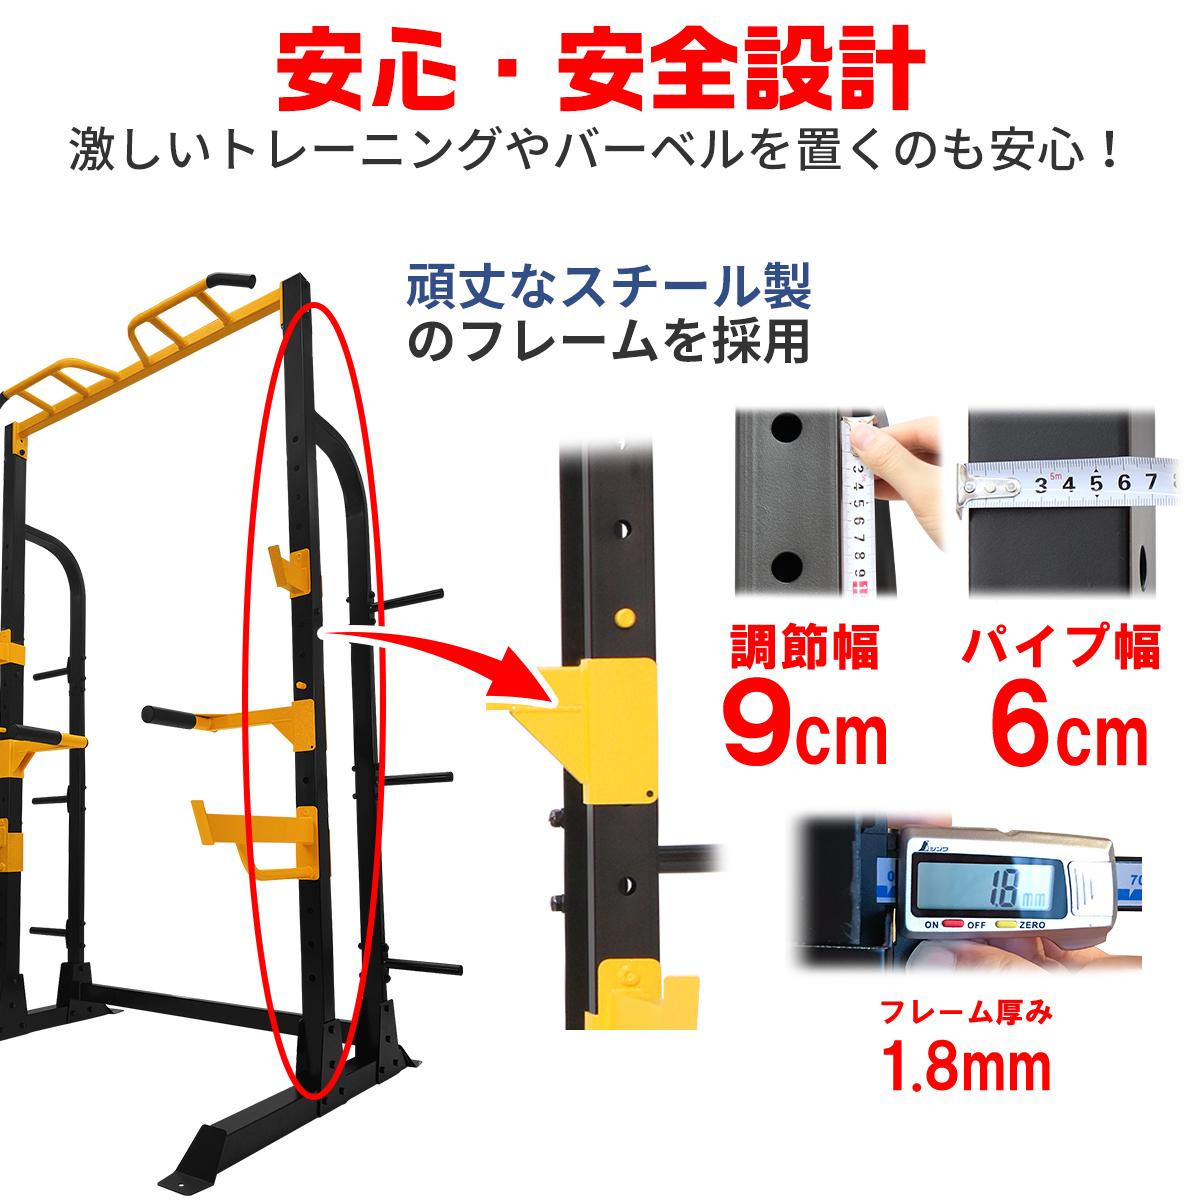 ハーフラック 懸垂マシン バーベルスタンド ぶらさがり健康器ホームジム ベンチプレス チンニング MC-201